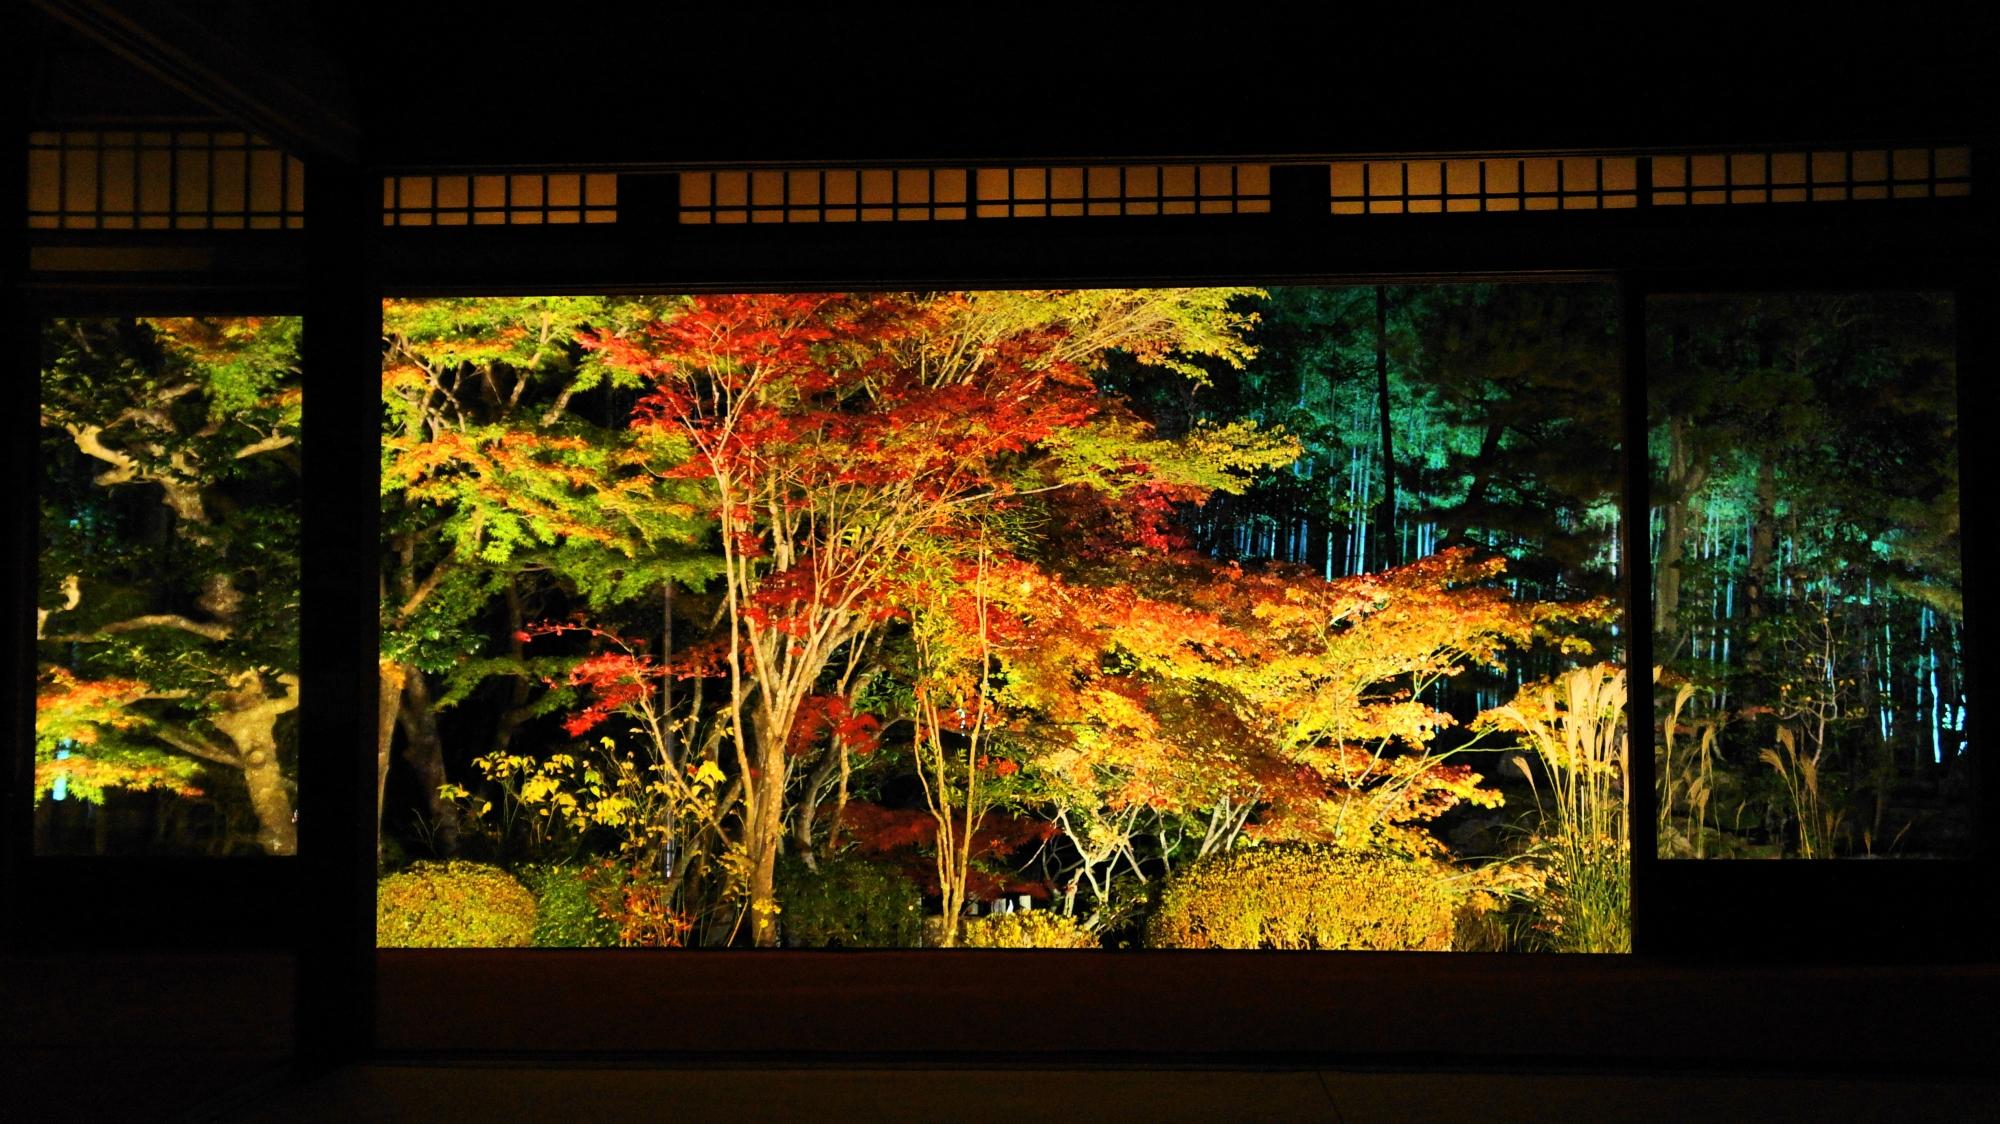 天寿庵の書院南庭の紅葉ライトアップ